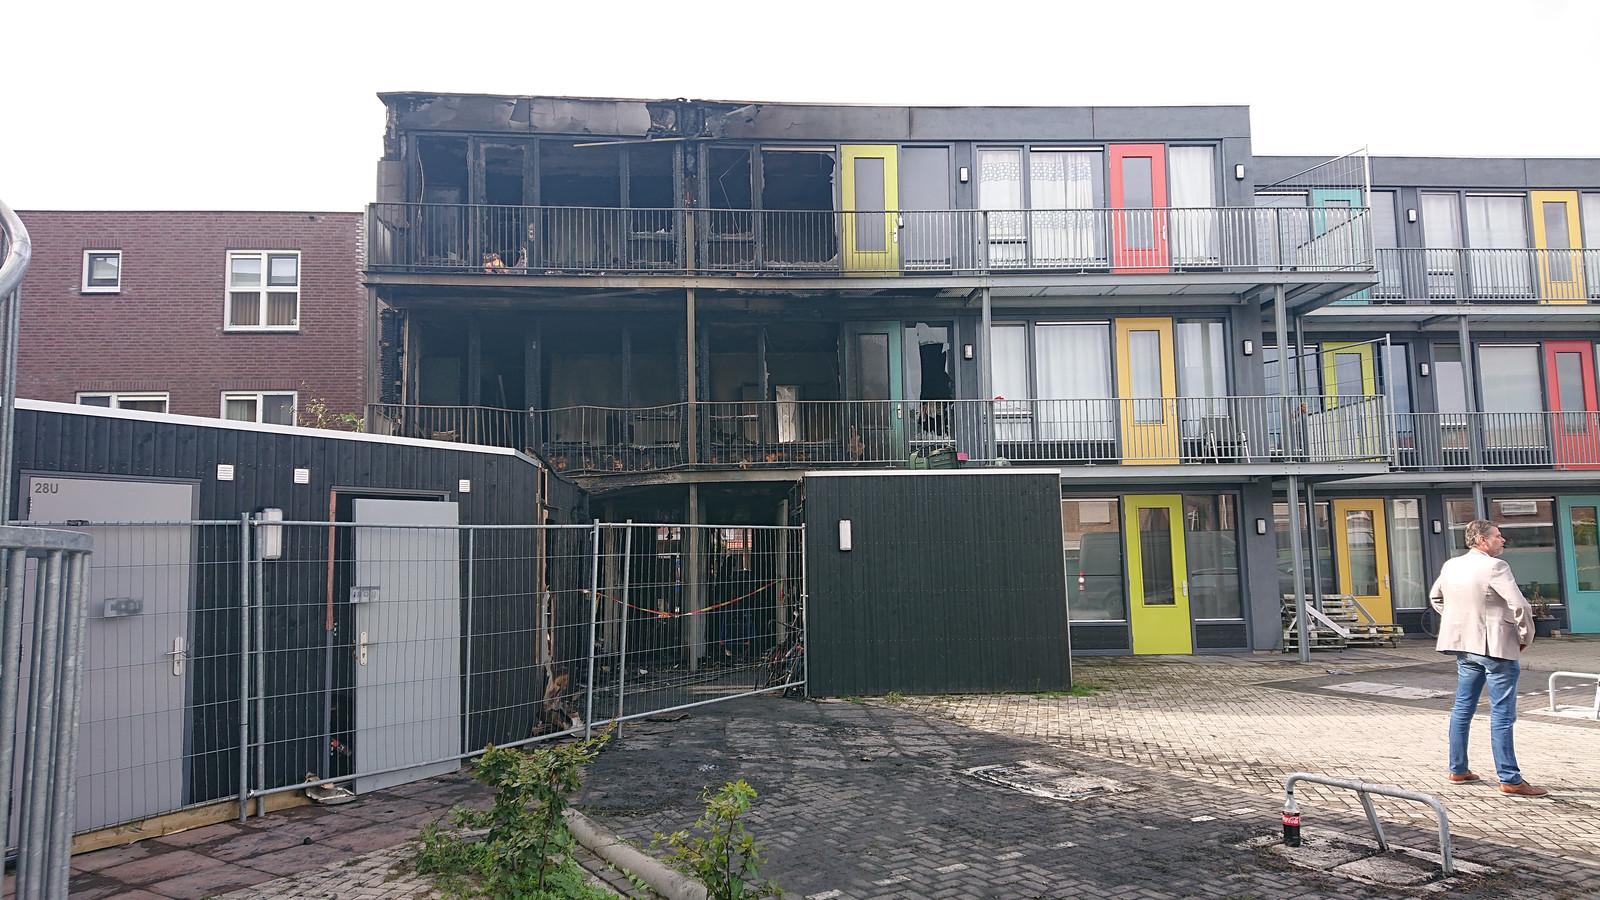 De vier appartementen boven de berging zijn onherstelbaar beschadigd.